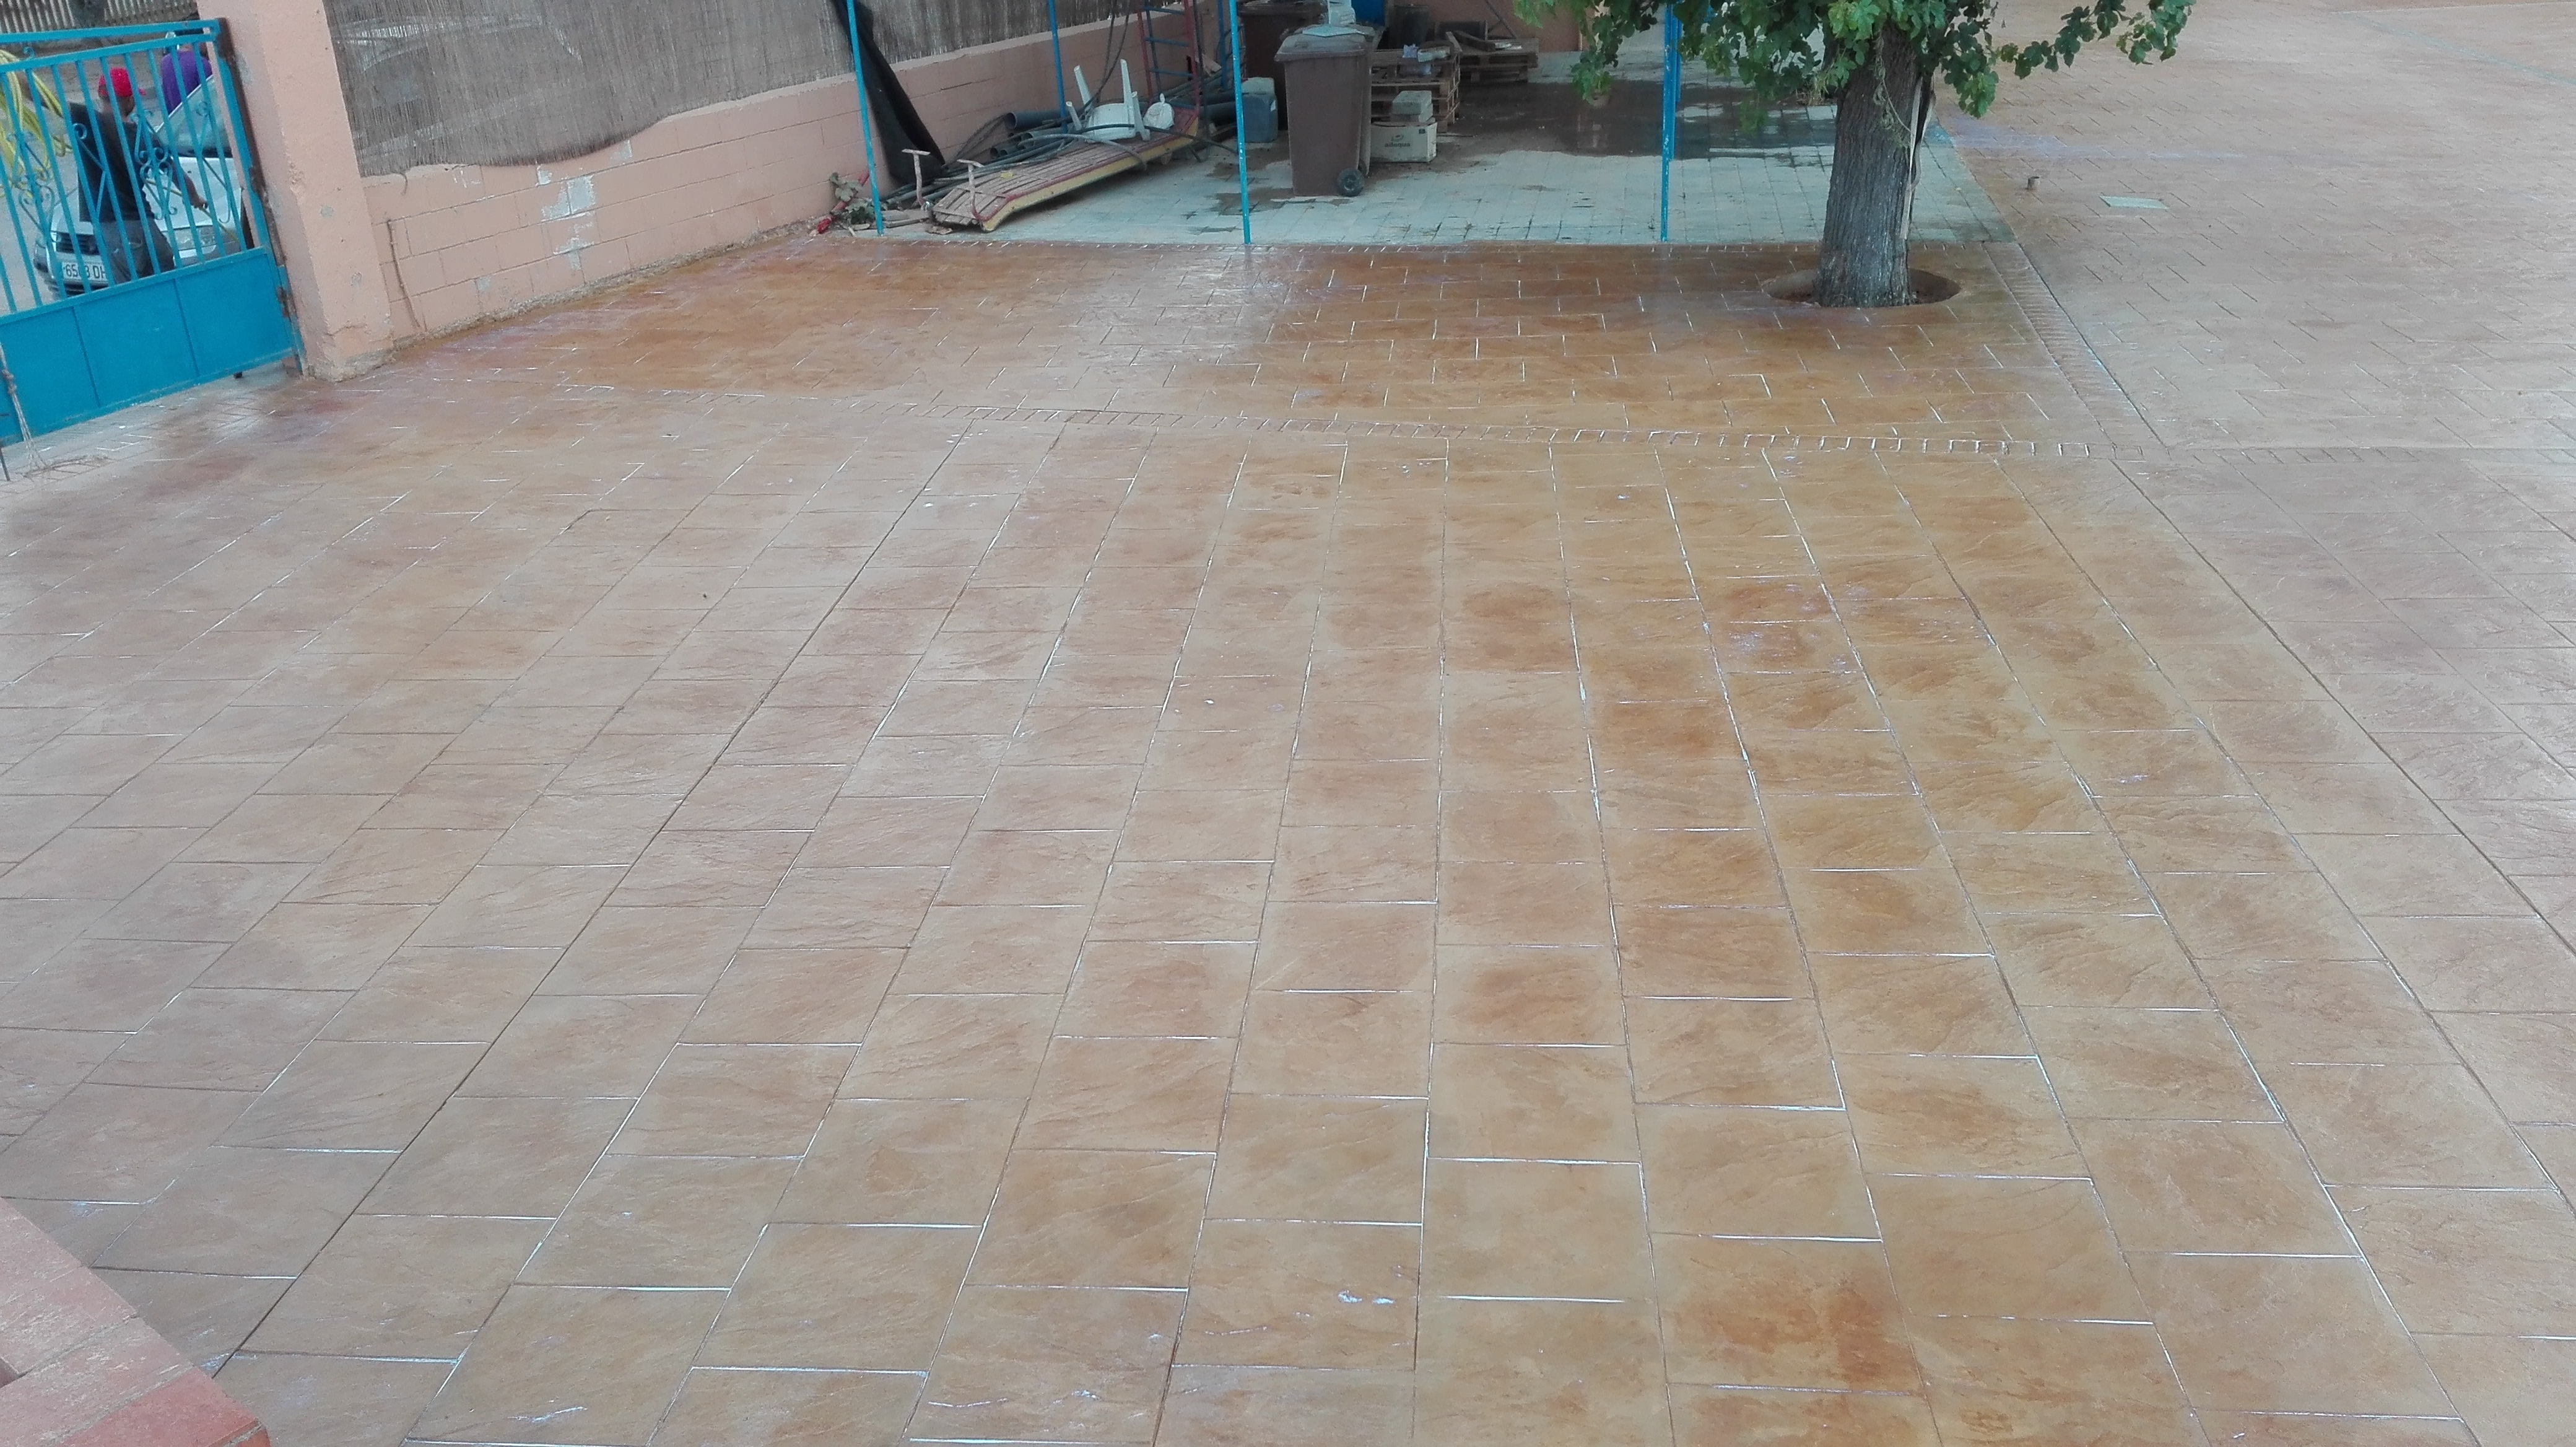 Pavimentos hormigon pulido pavimento pulido with for Cemento impreso madrid